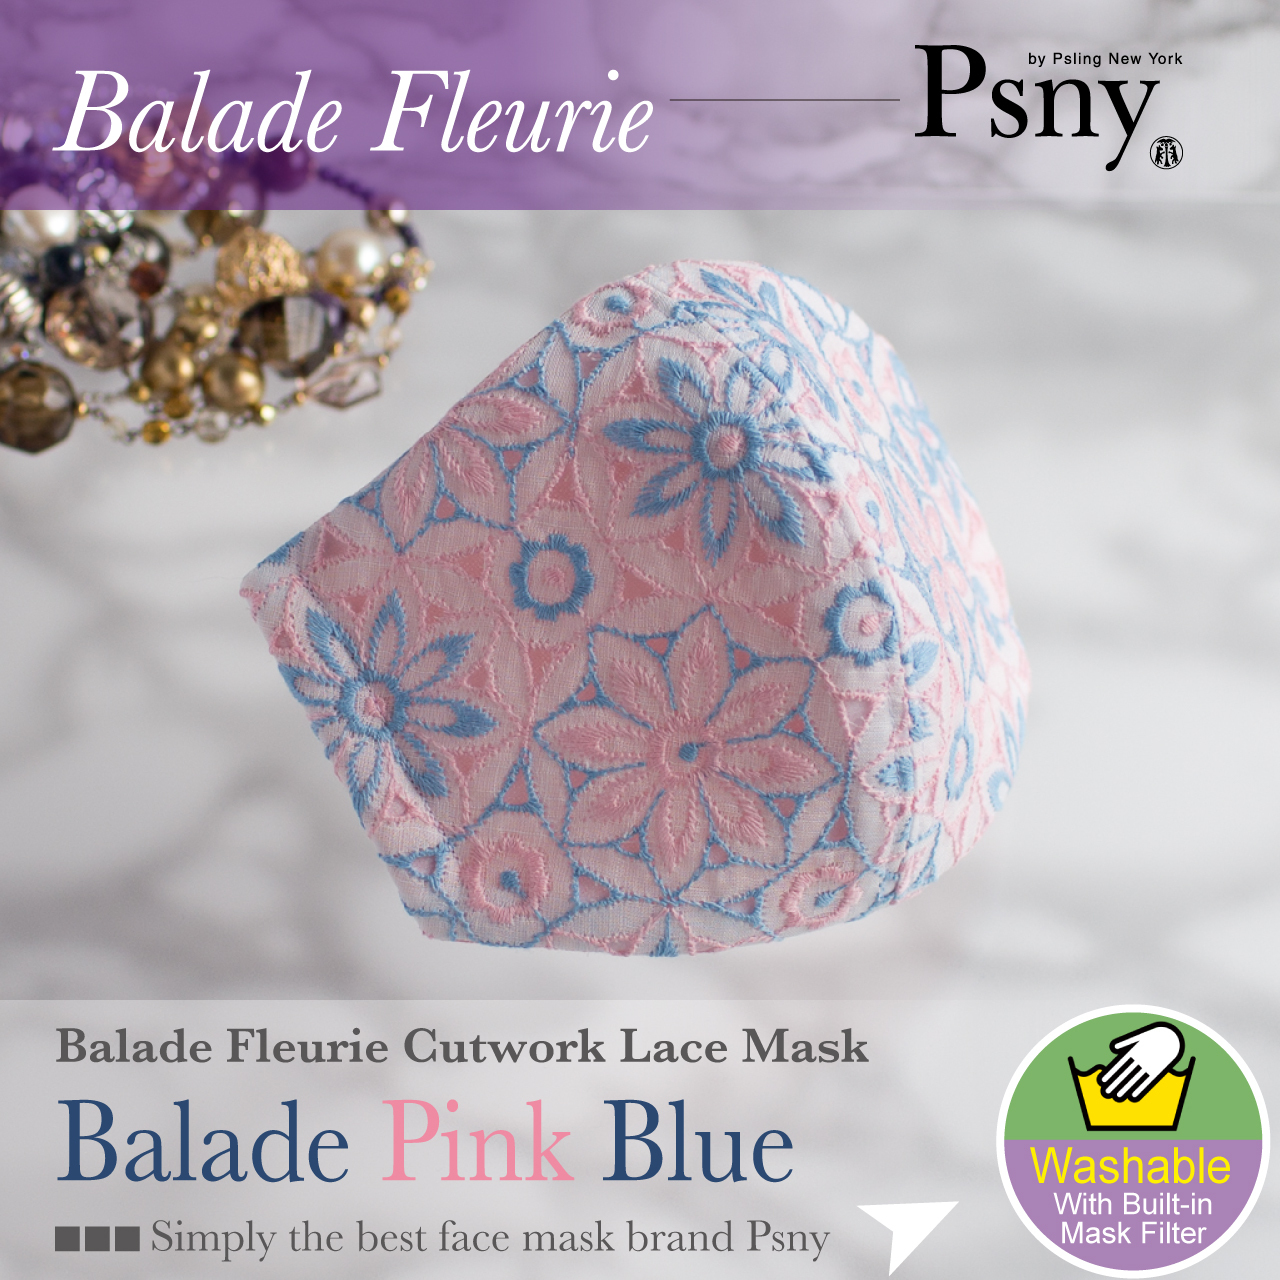 PSNY 送料無料 夏仕様 レース おとなかわいい 可愛い 花粉 黄砂 不織布フィルター入り 可憐 カワイイ 花柄 美しい 立体 おとな ますく 大人 マスク バラード・フルリィ・ピンクブルー-LB5